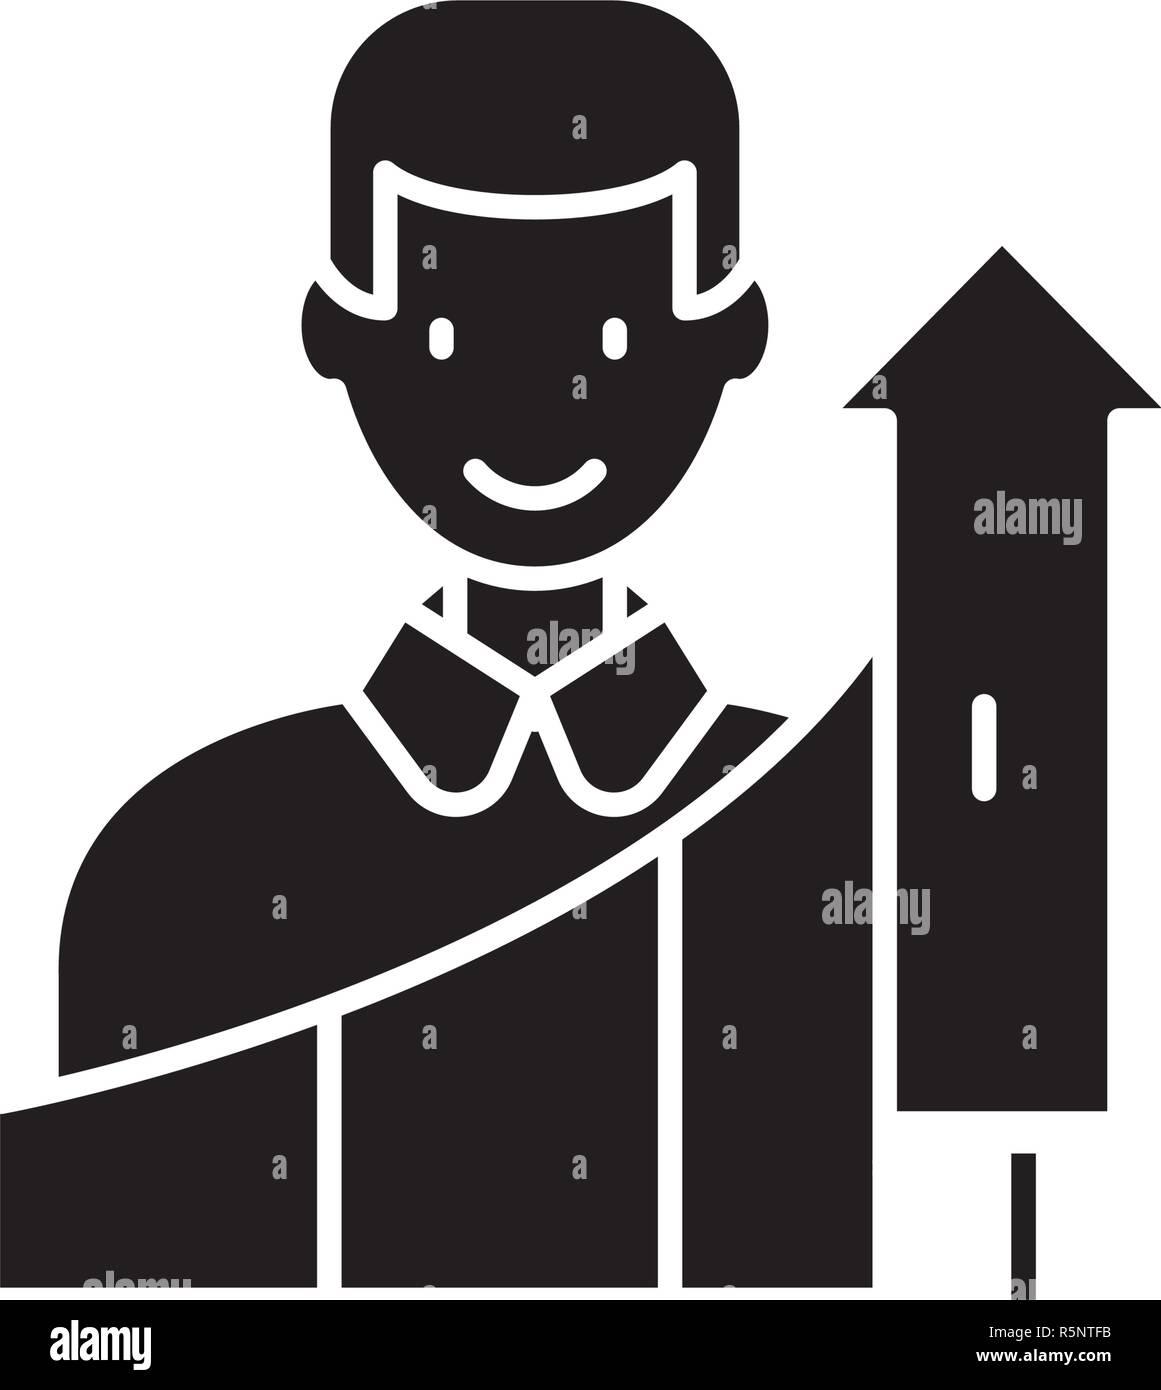 Crecimiento Personal icono negro, signo de vectores de fondo aislados. Concepto de crecimiento personal, símbolo de la ilustración Imagen De Stock